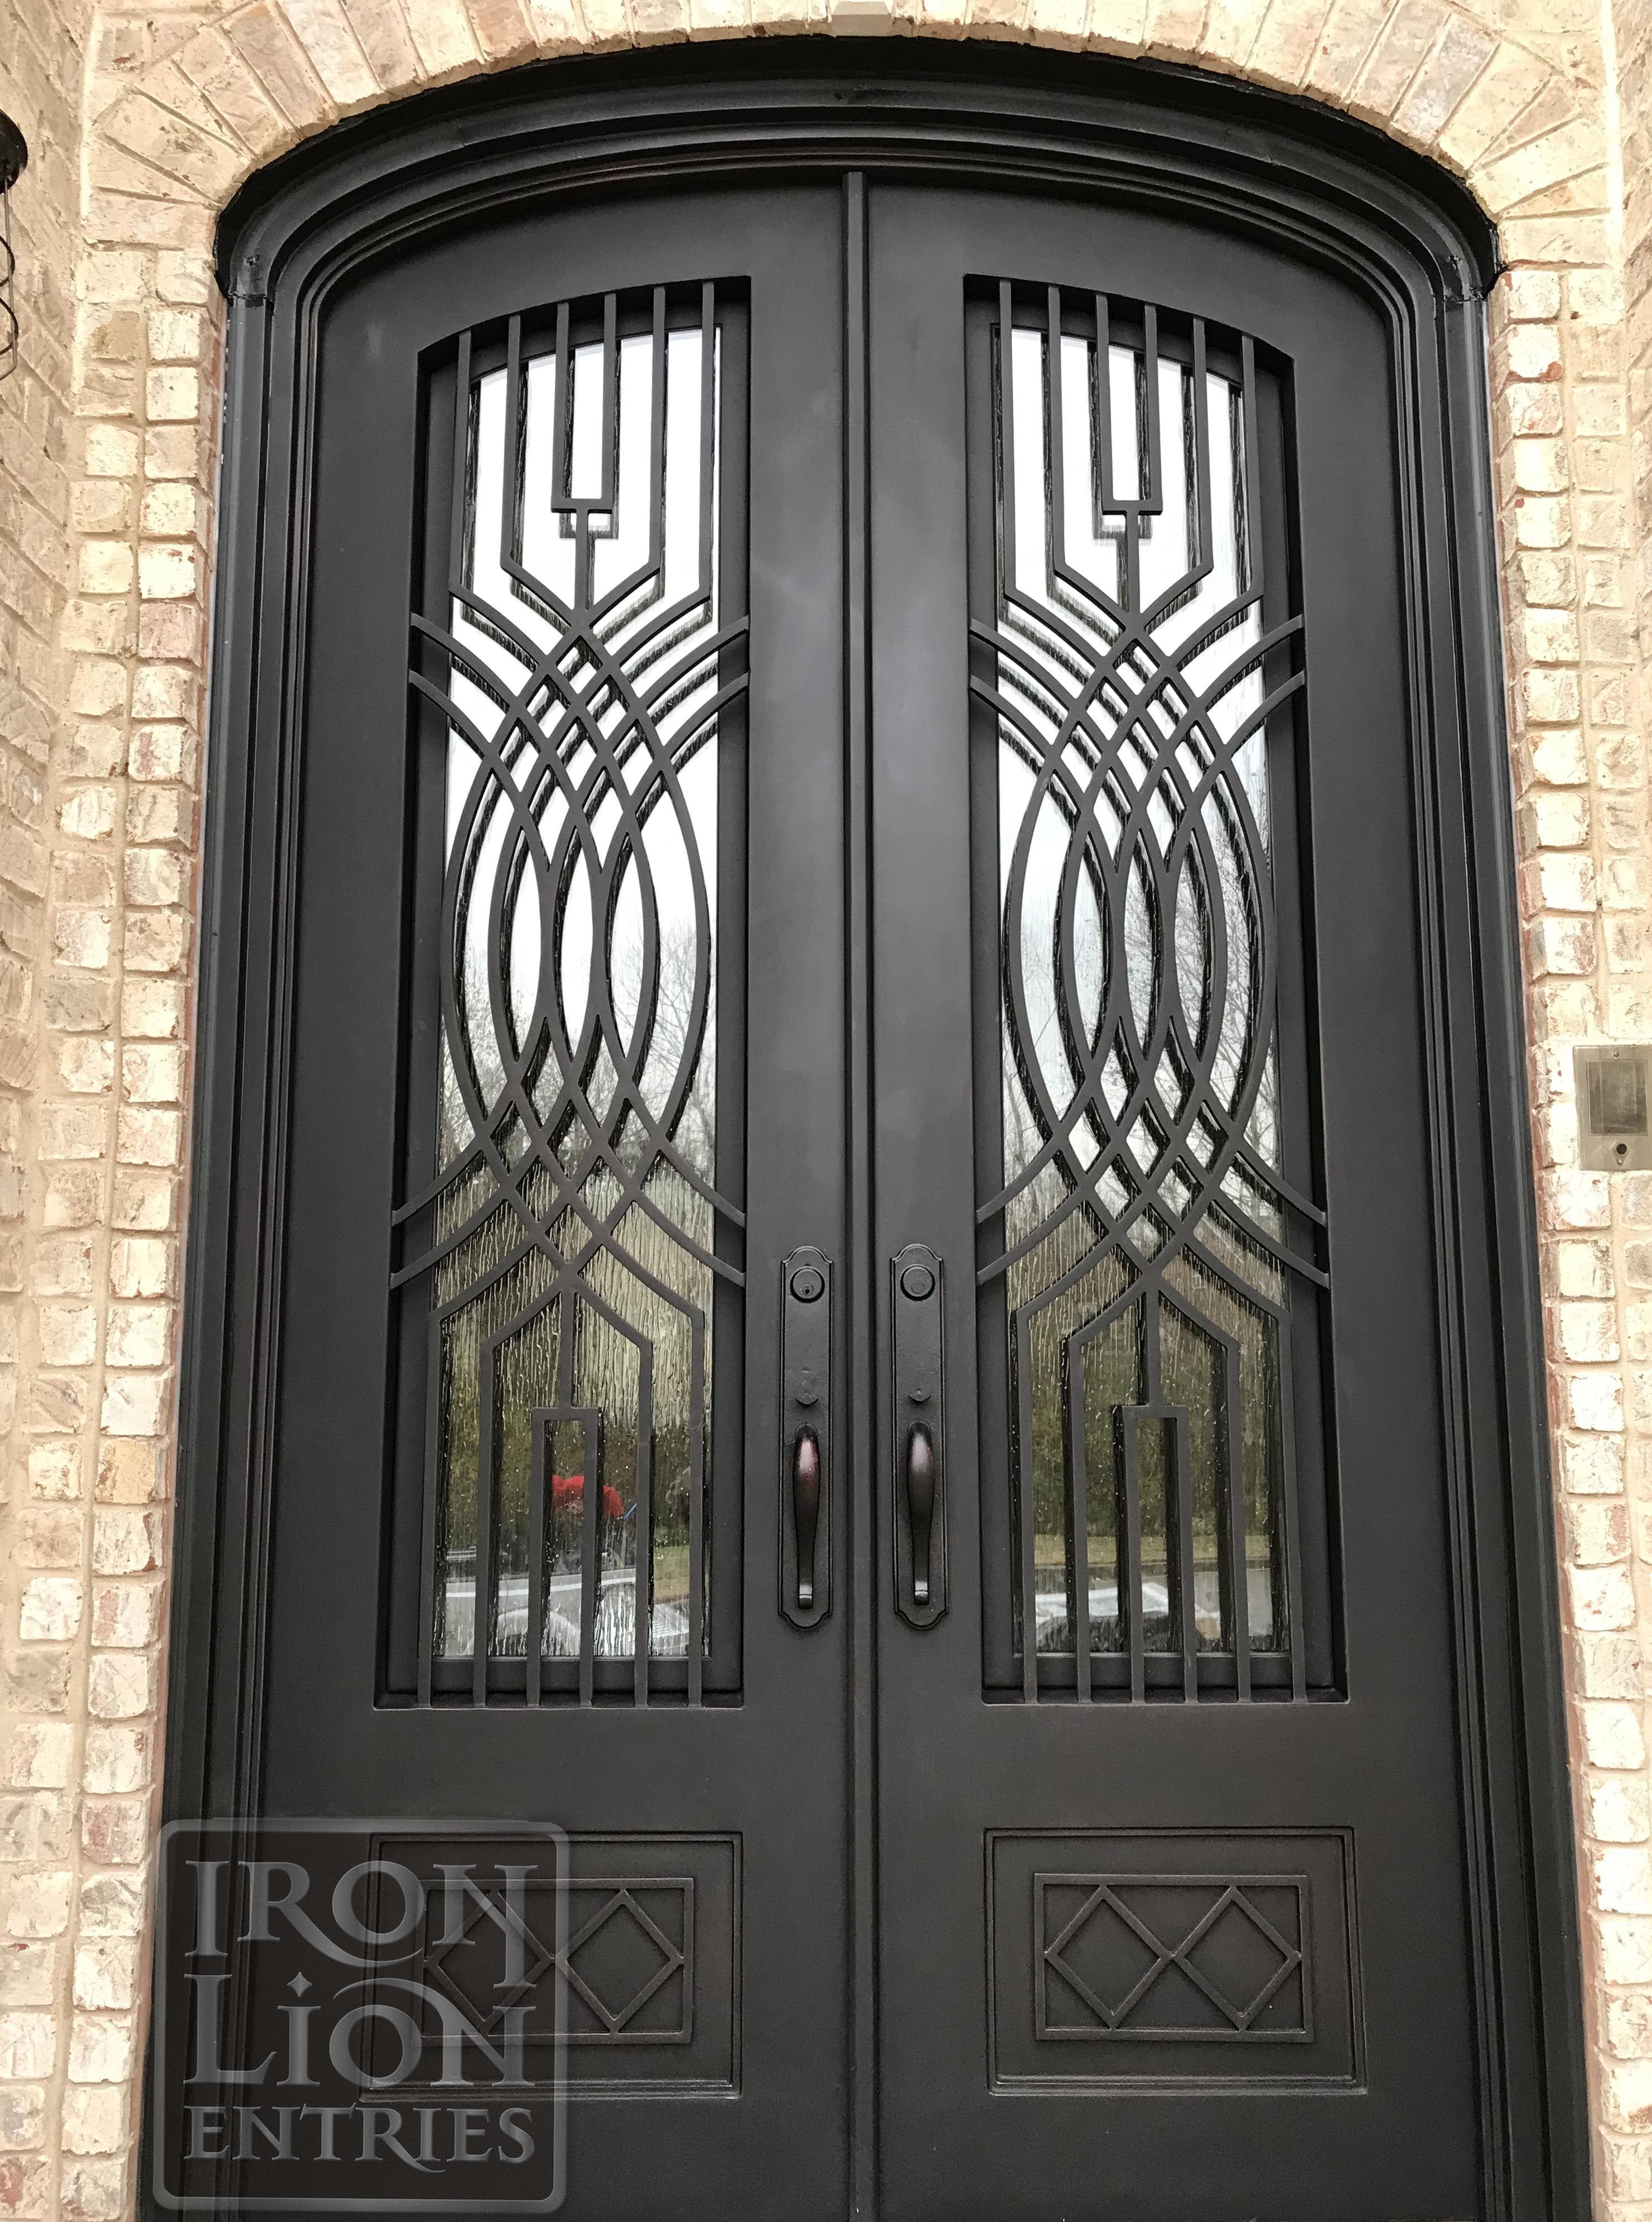 Double Doors Wrought Iron Entry Doors Iron Door Design Iron